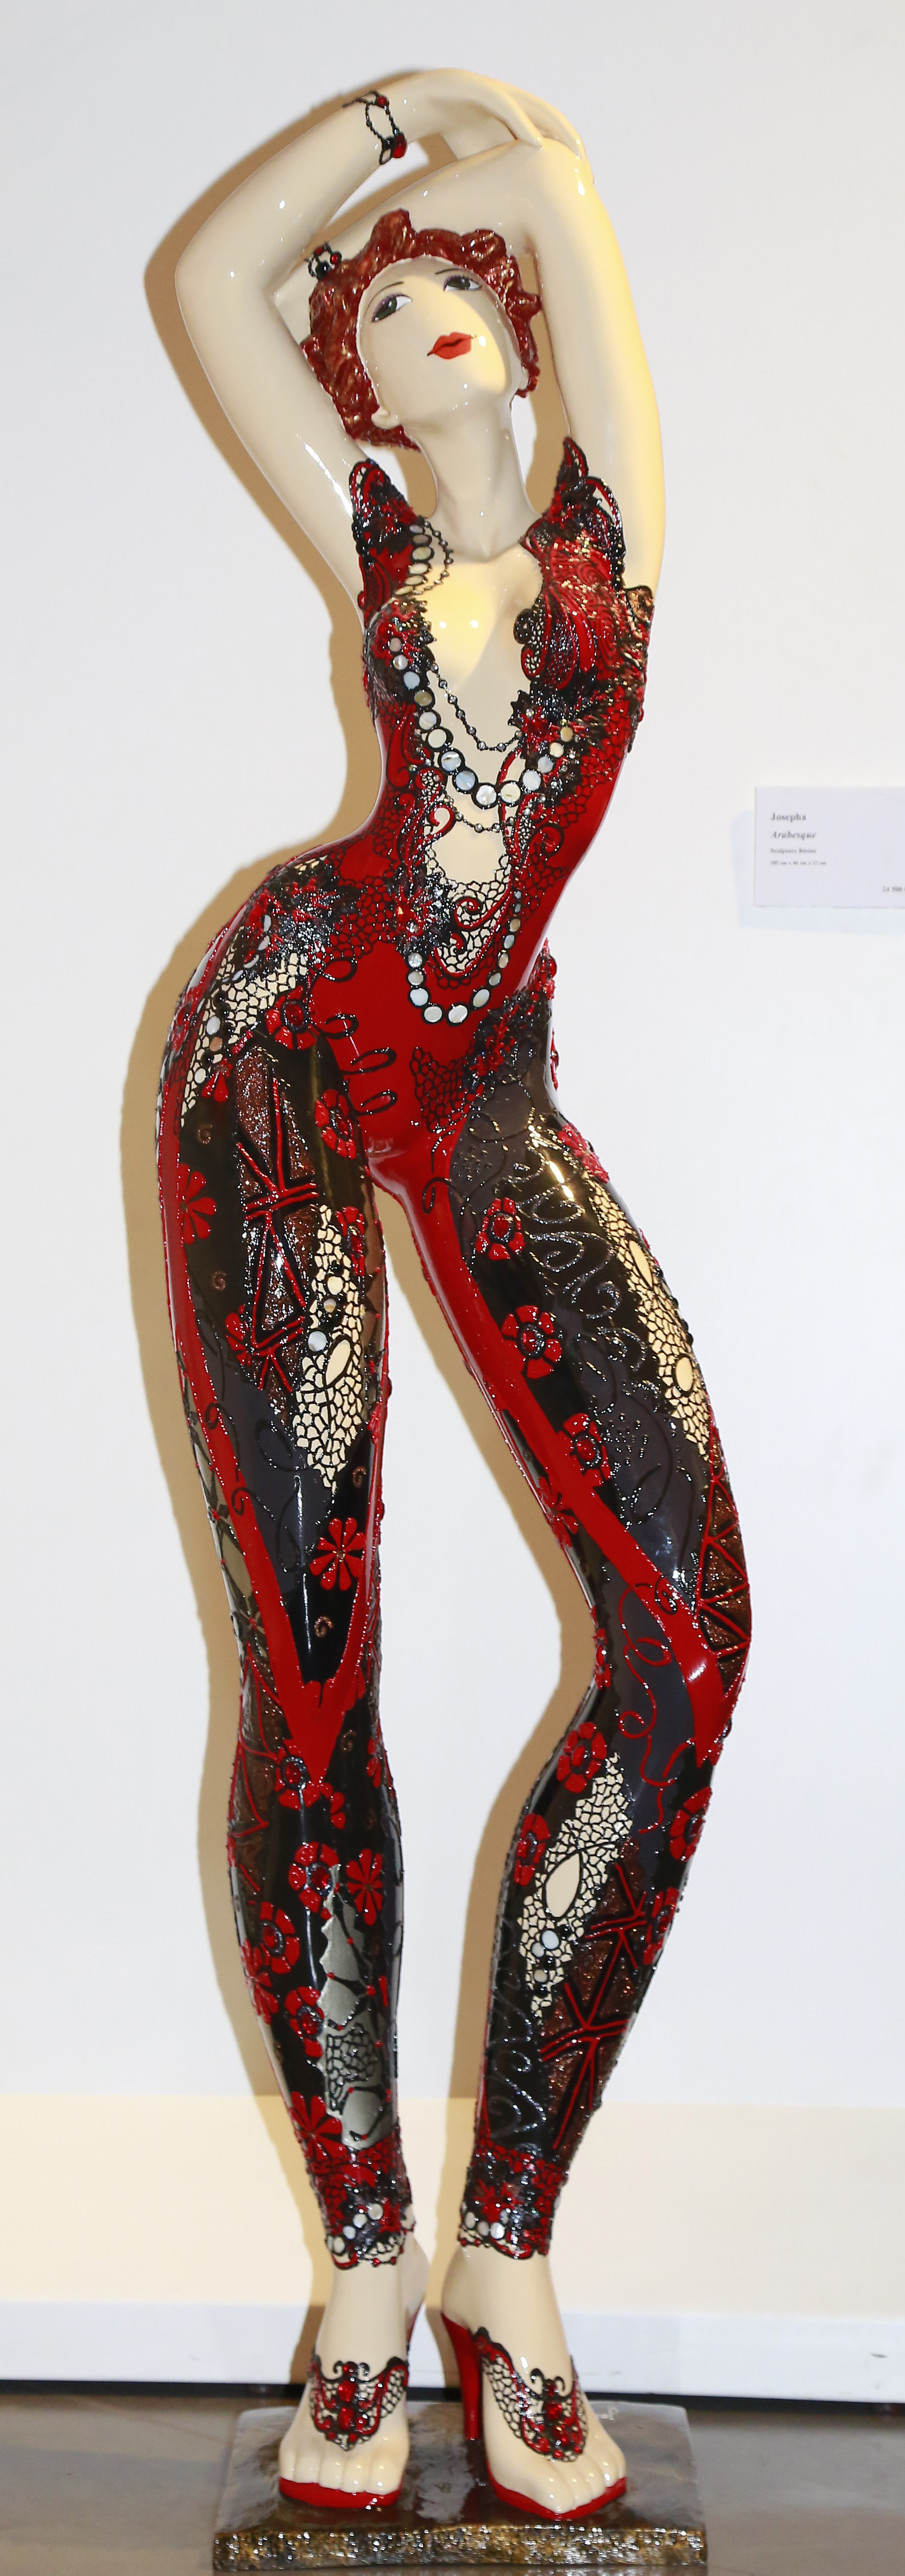 Arabesque - ResinH: 180 cm